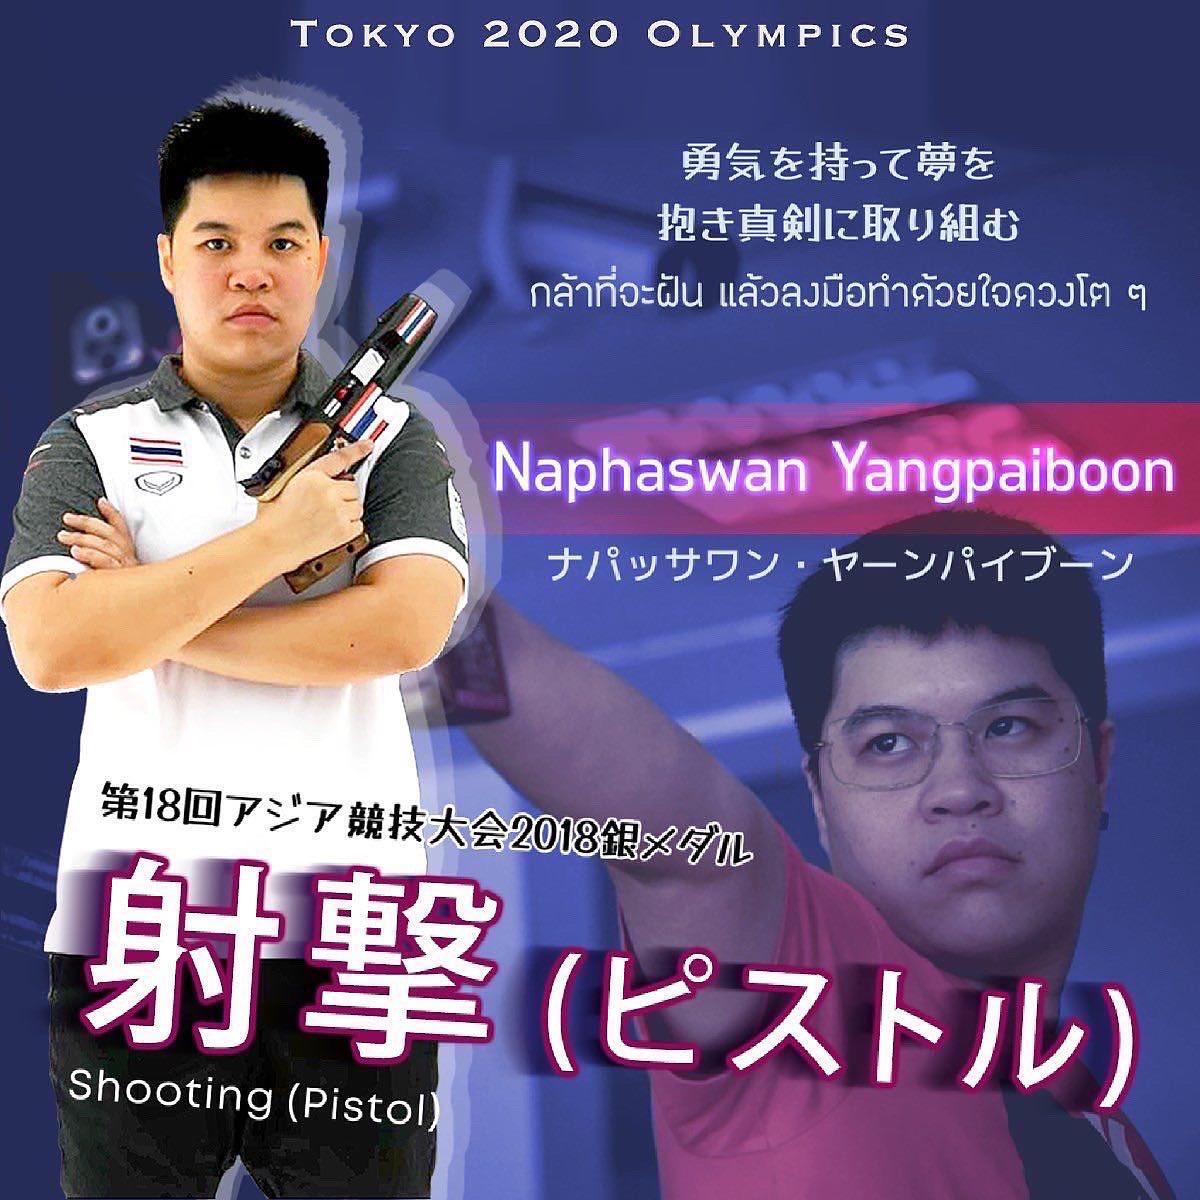 ナパッサワン・ヤーパイブーン(ウーン)選手[女子射撃タイ代表]東京2020オリンピック